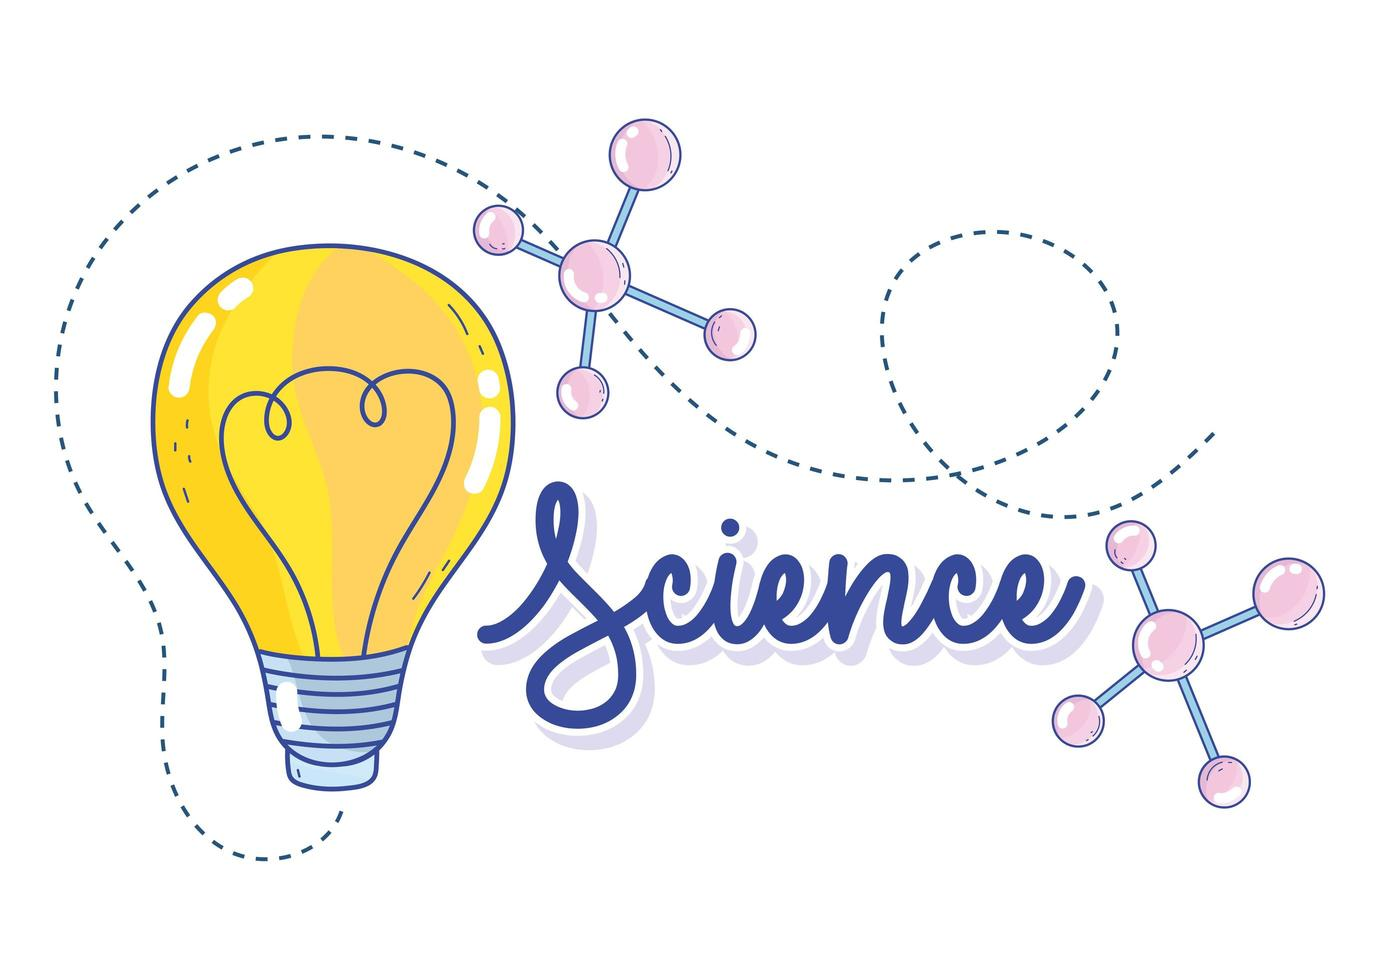 plantilla de banner de ciencia innovadora vector